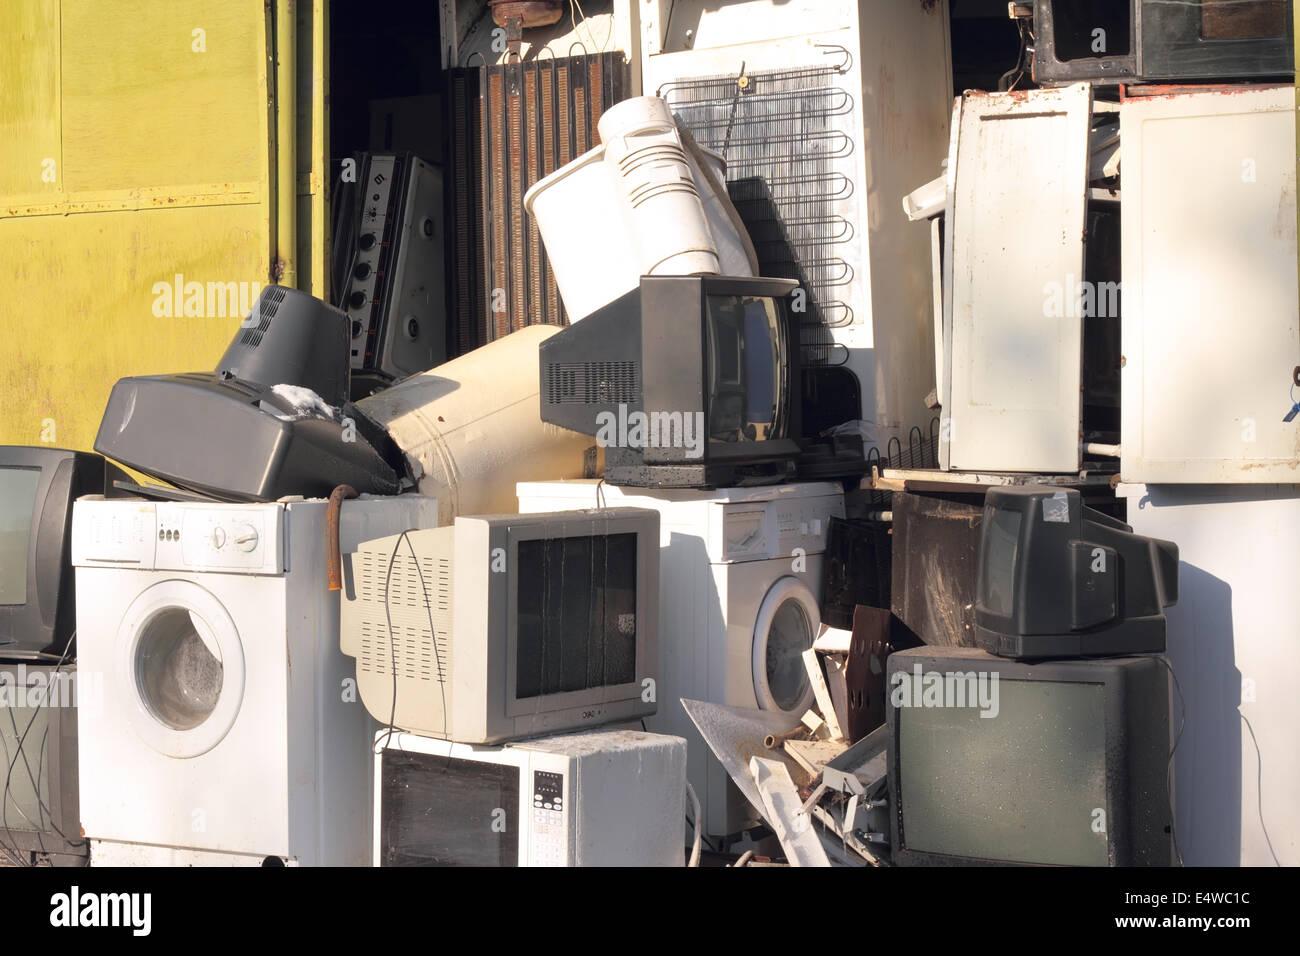 Dump der altes Geräte gebrochen Stockbild